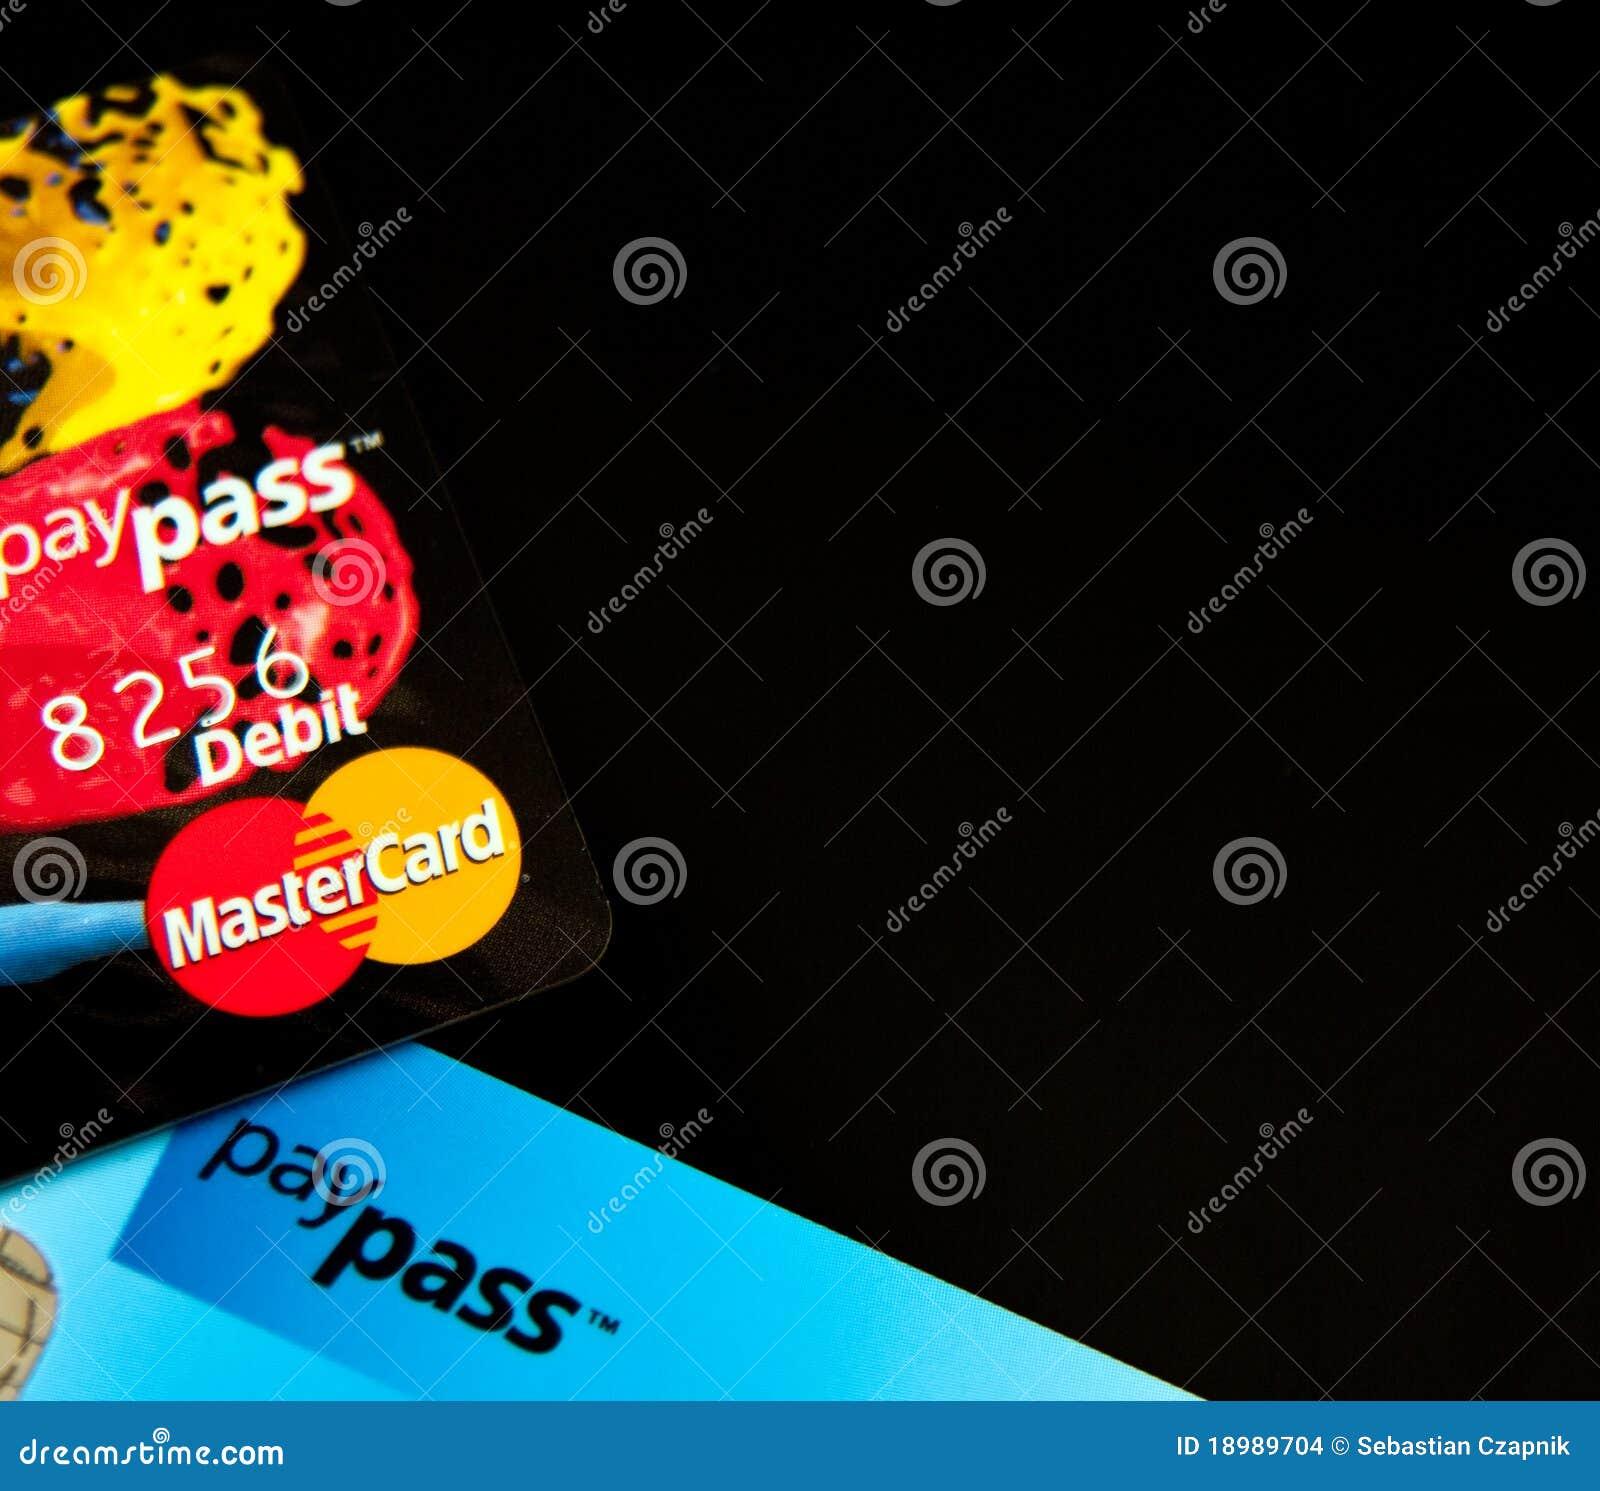 Karty kredytują masterdard paypass